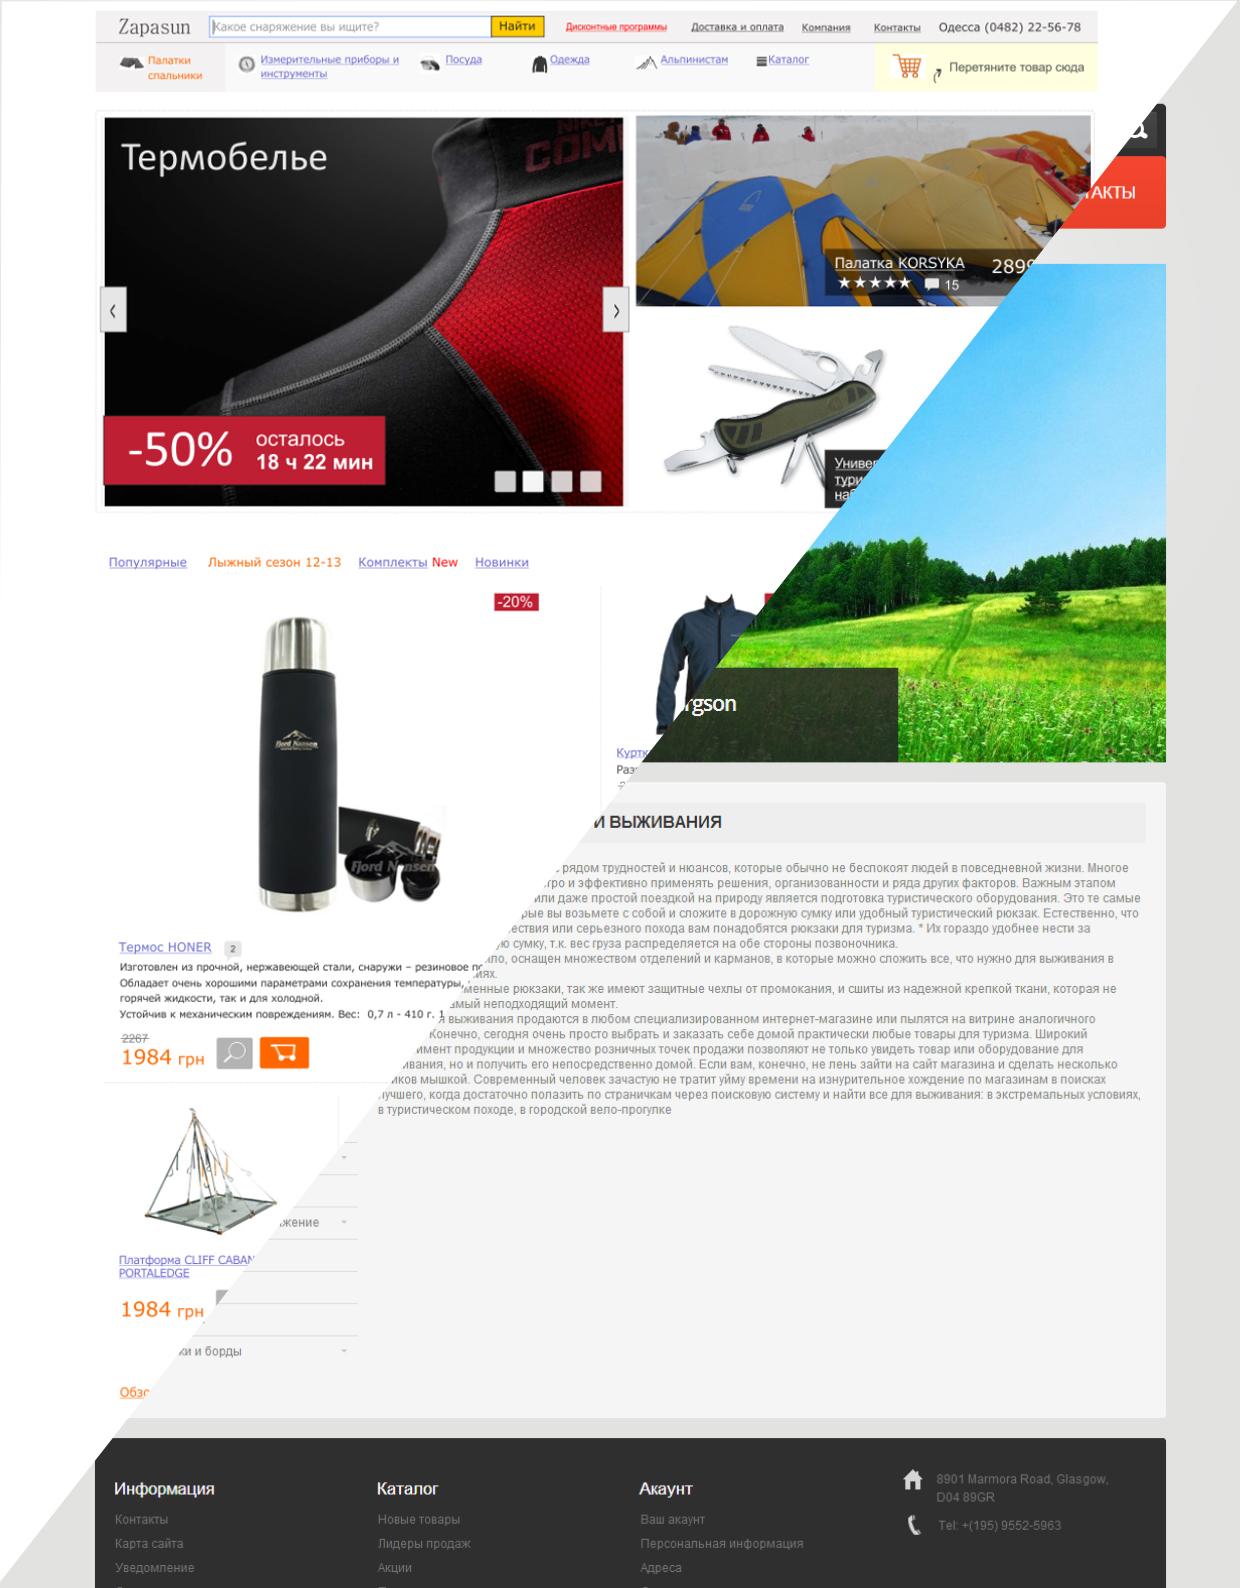 Пример наших услуг по юзабилити для проекта «Zapasun» → задача: сделать страницу, способствующую удобному выбору товара.